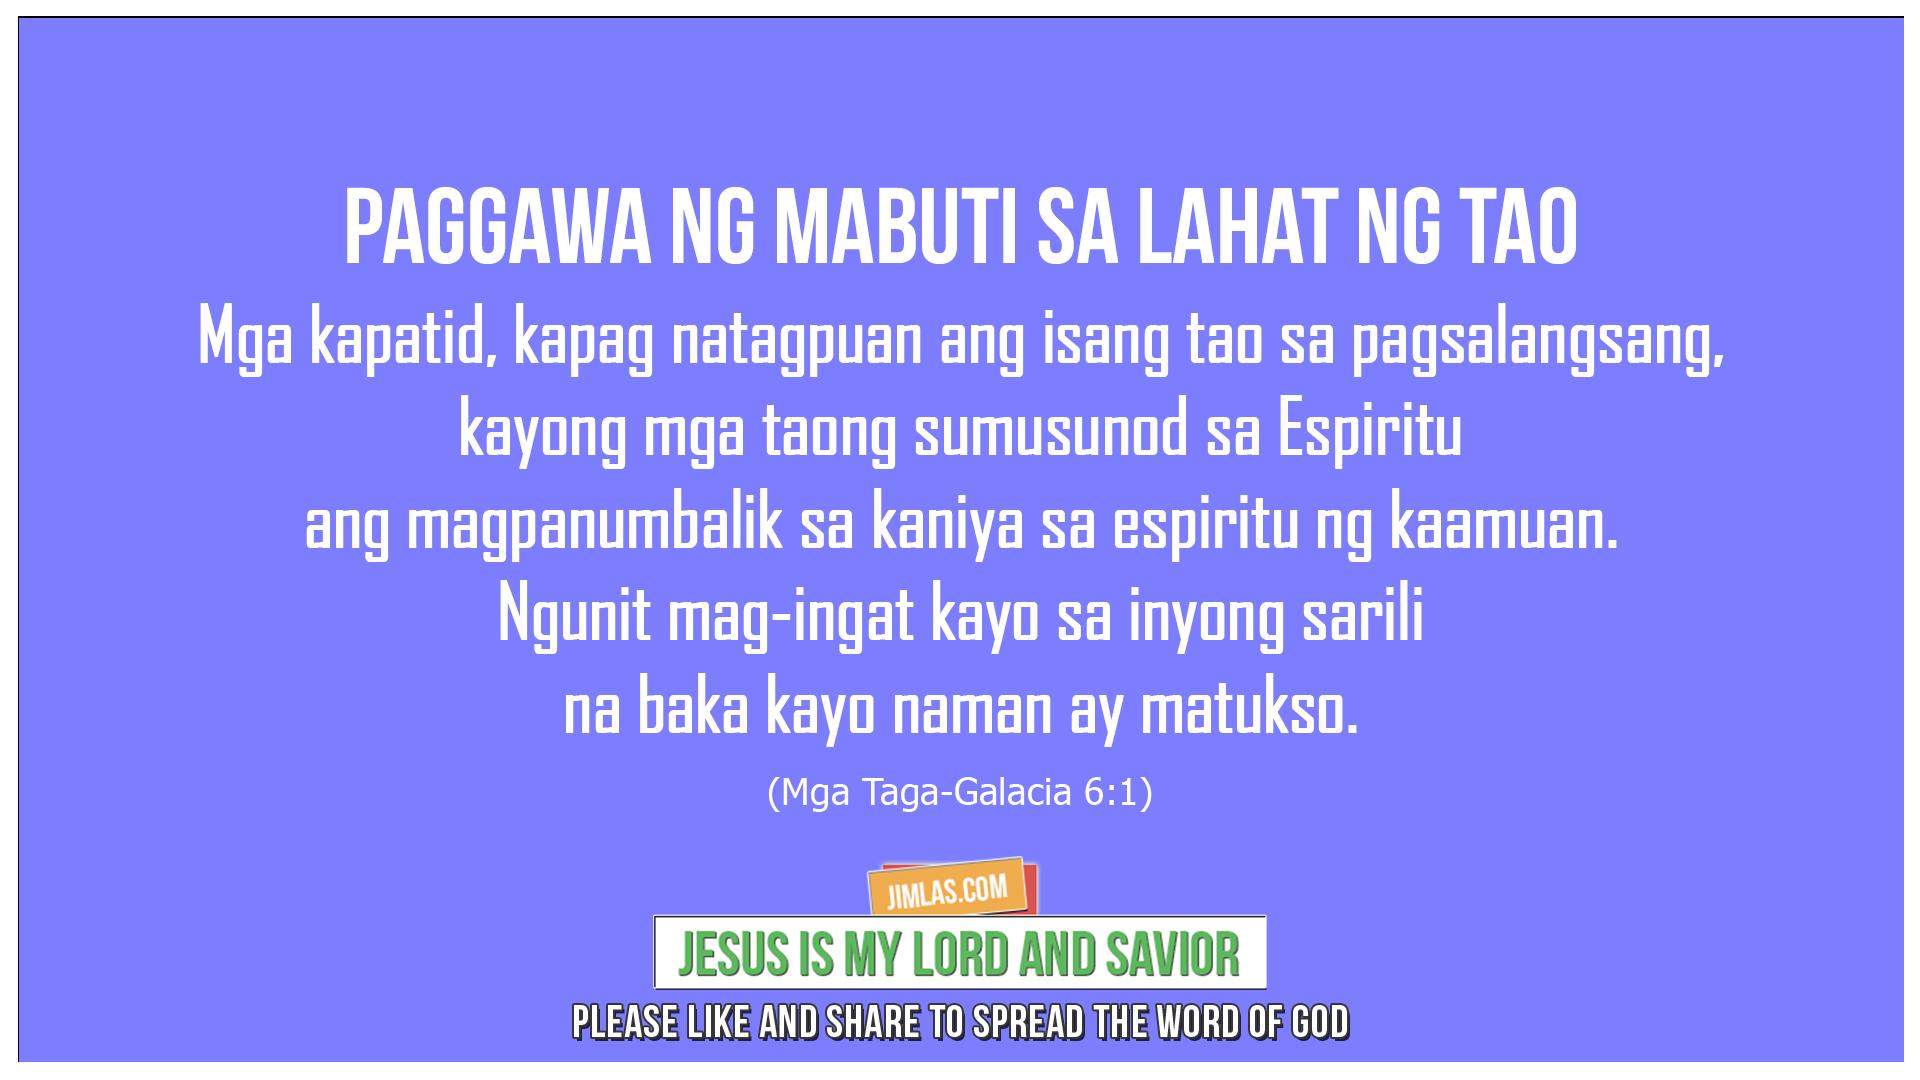 Mga Taga-Galacia 6:1, Mga Taga-Galacia 6:1